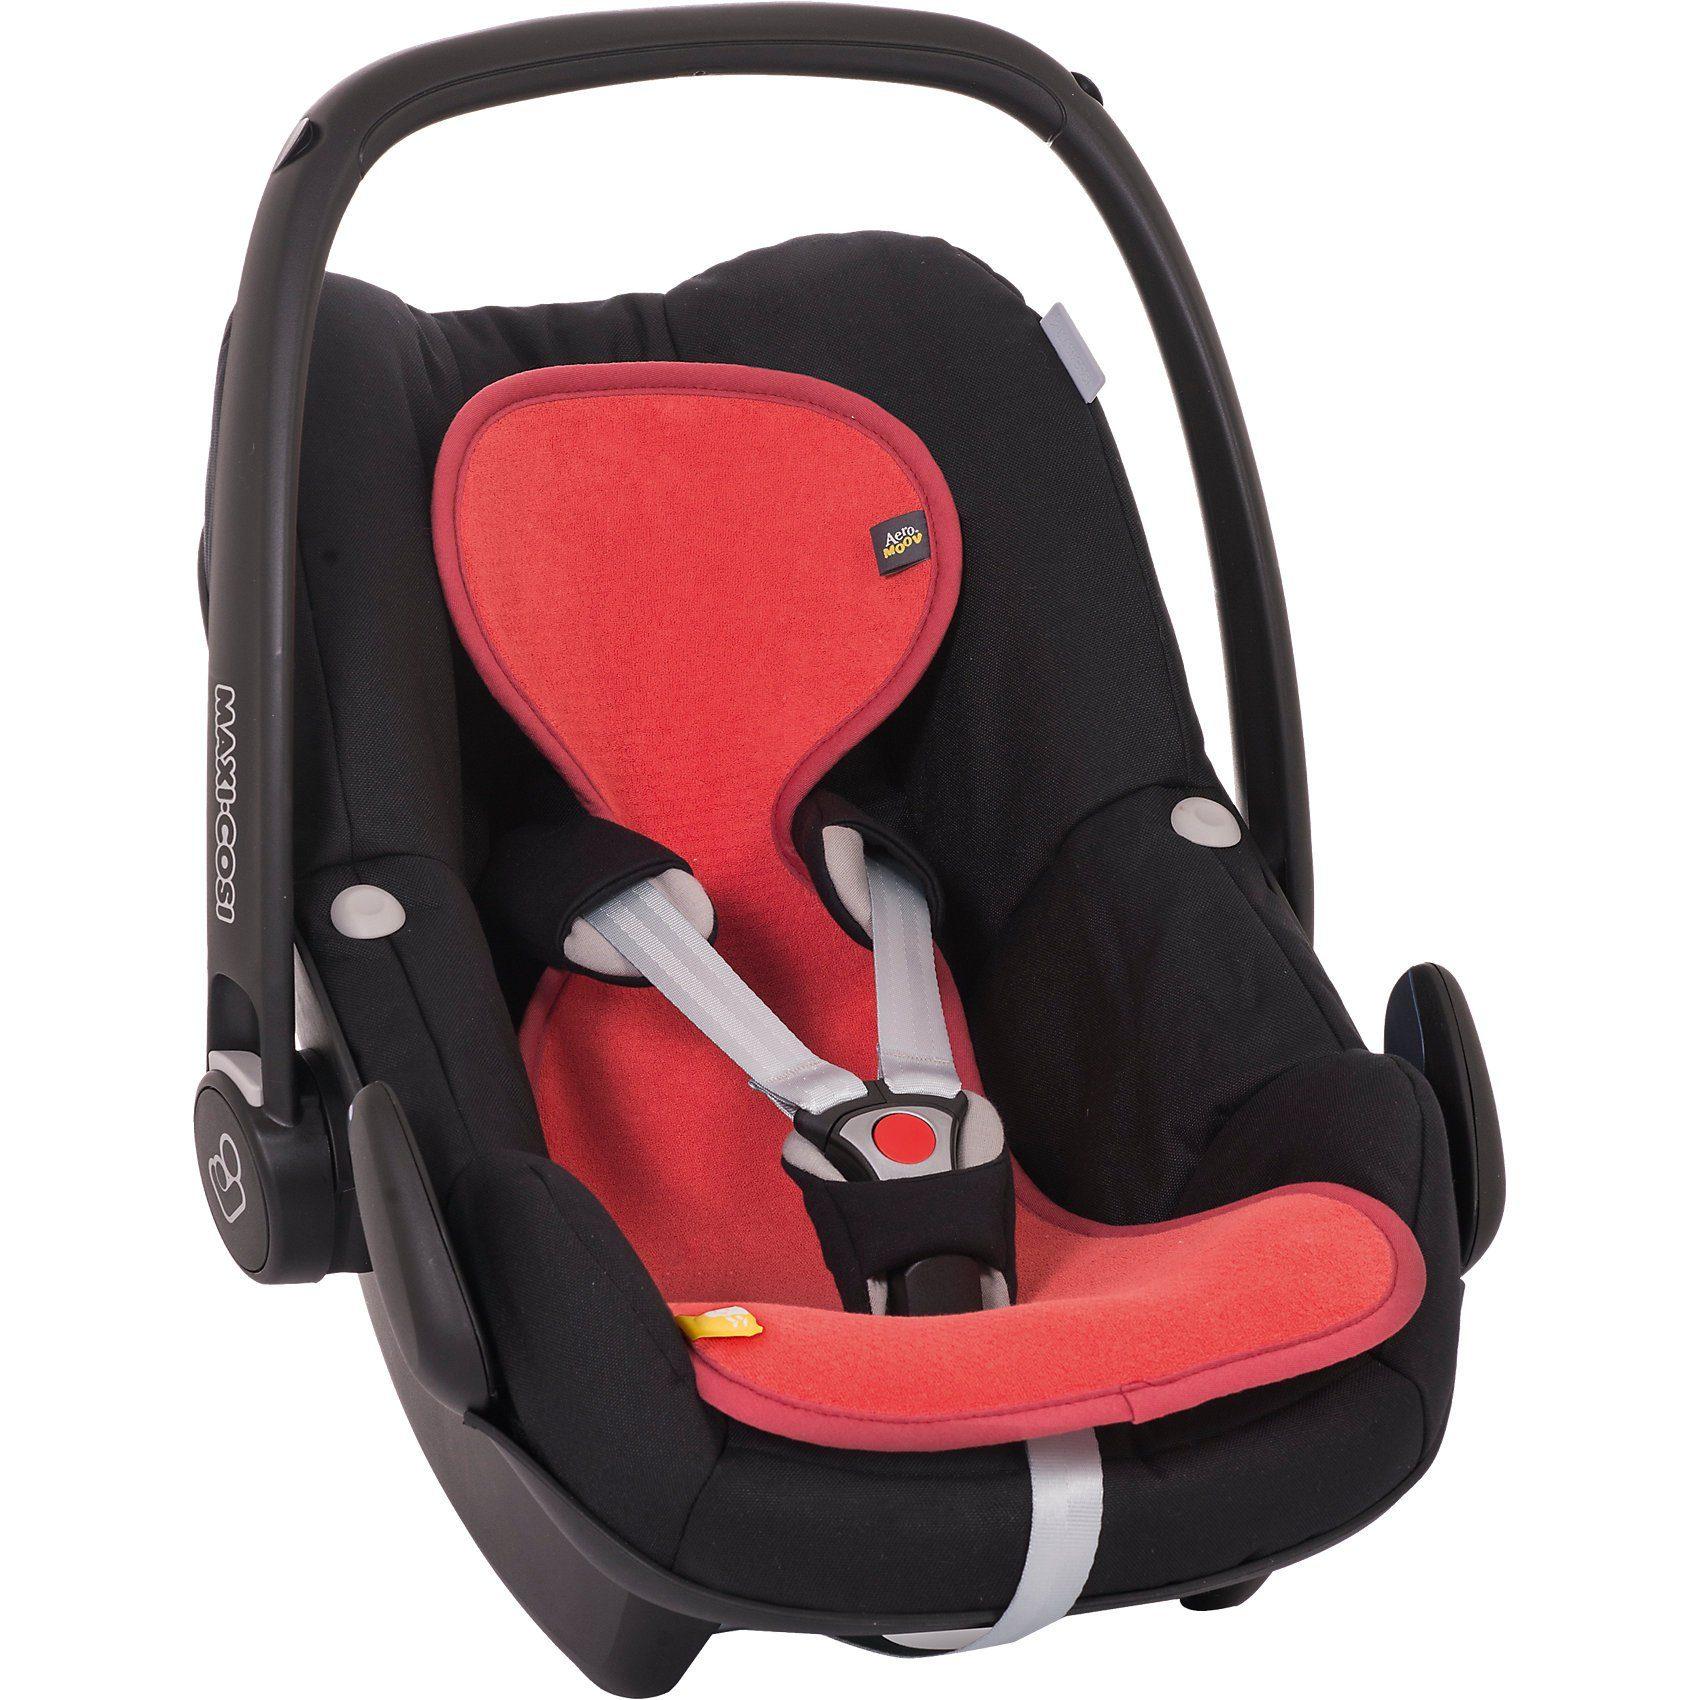 Sitzeinlage AeroMoov air layer für Babyschale, Korallenrot